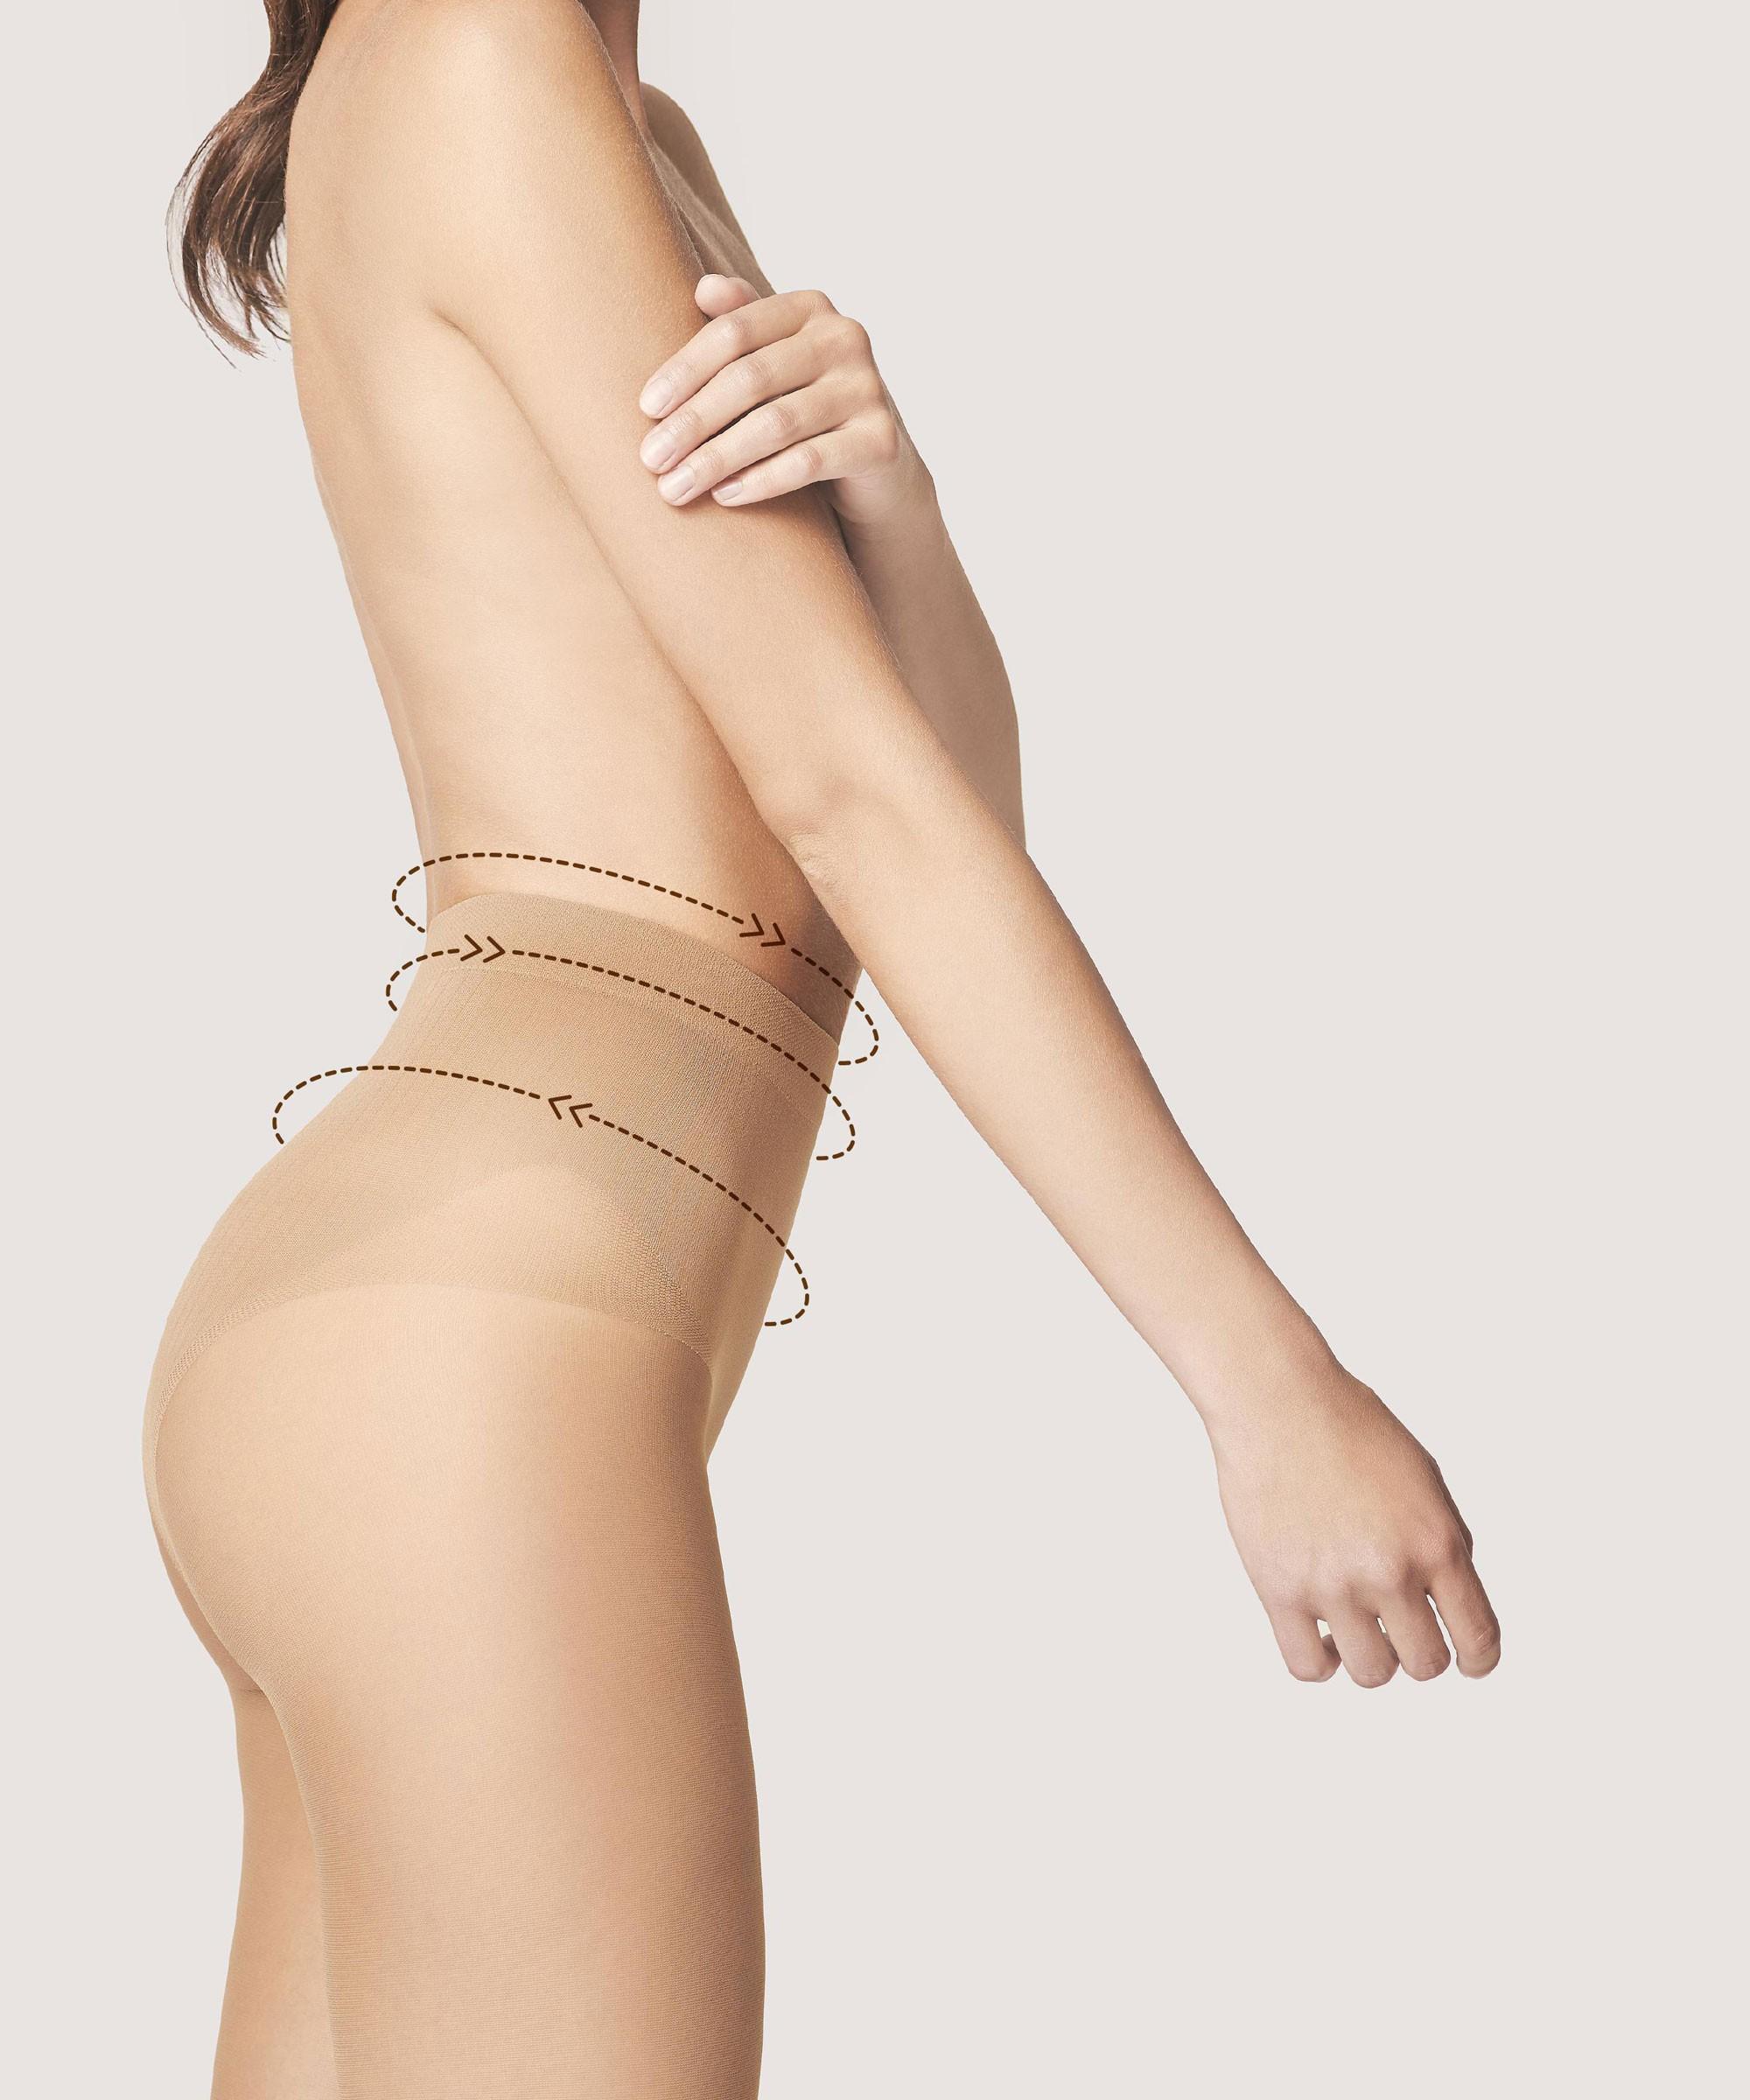 Collant ventre plat forme bikini